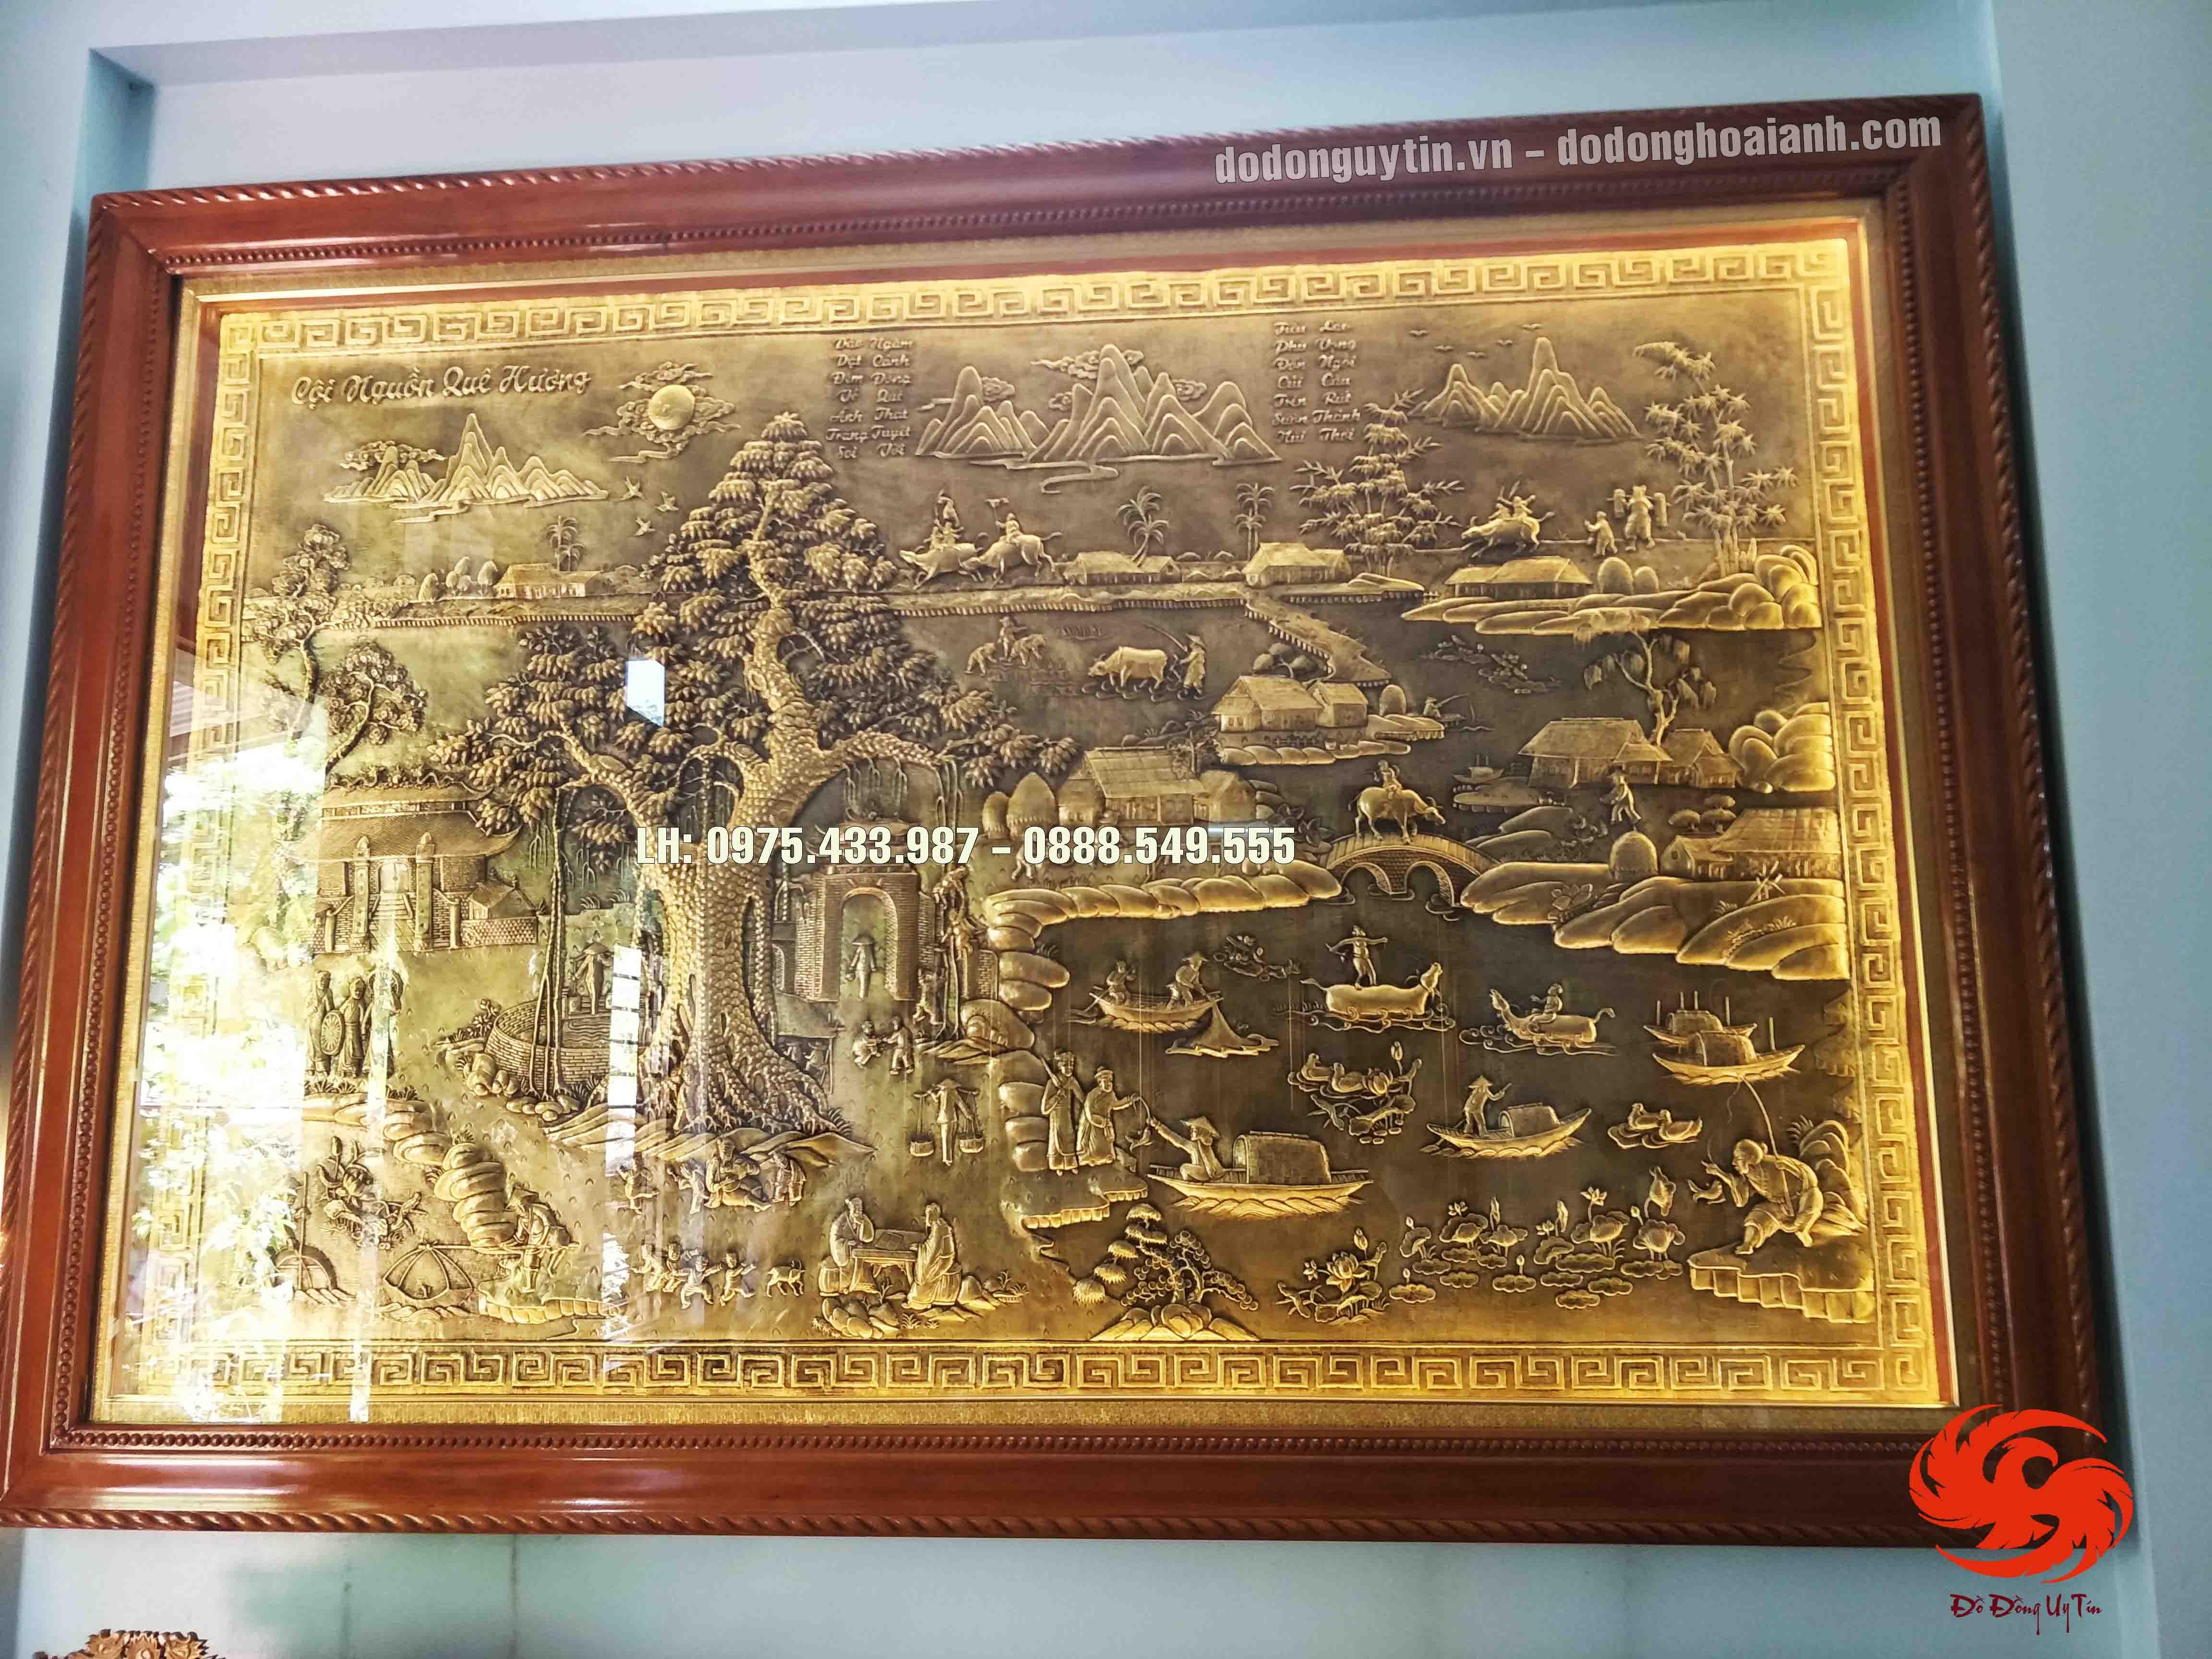 Mua tranh đồng Cội nguồn quê hương đồng vàng